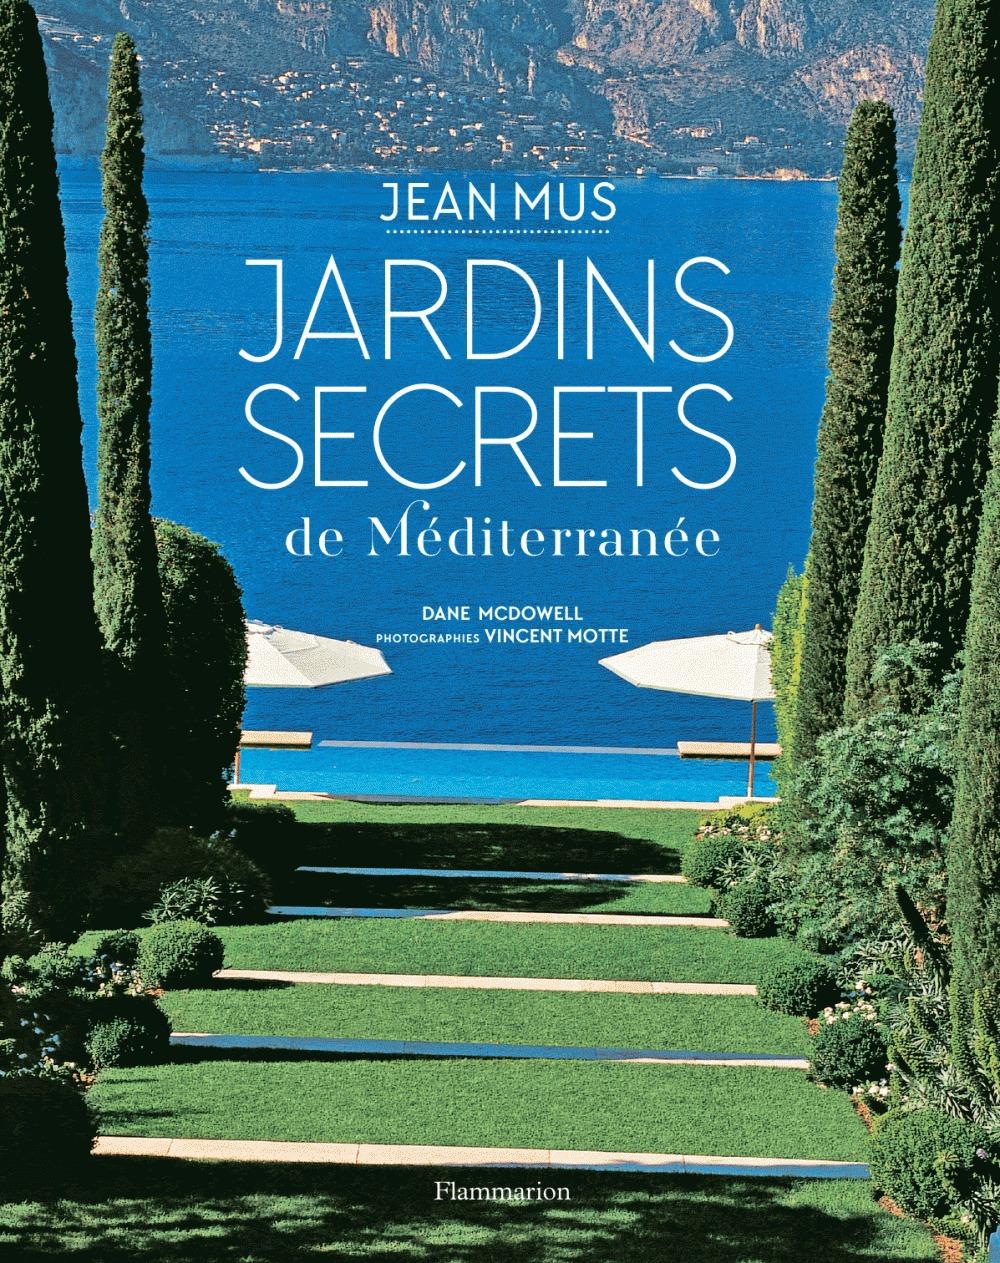 Jean Mus Jardins secrets de Méditerranée